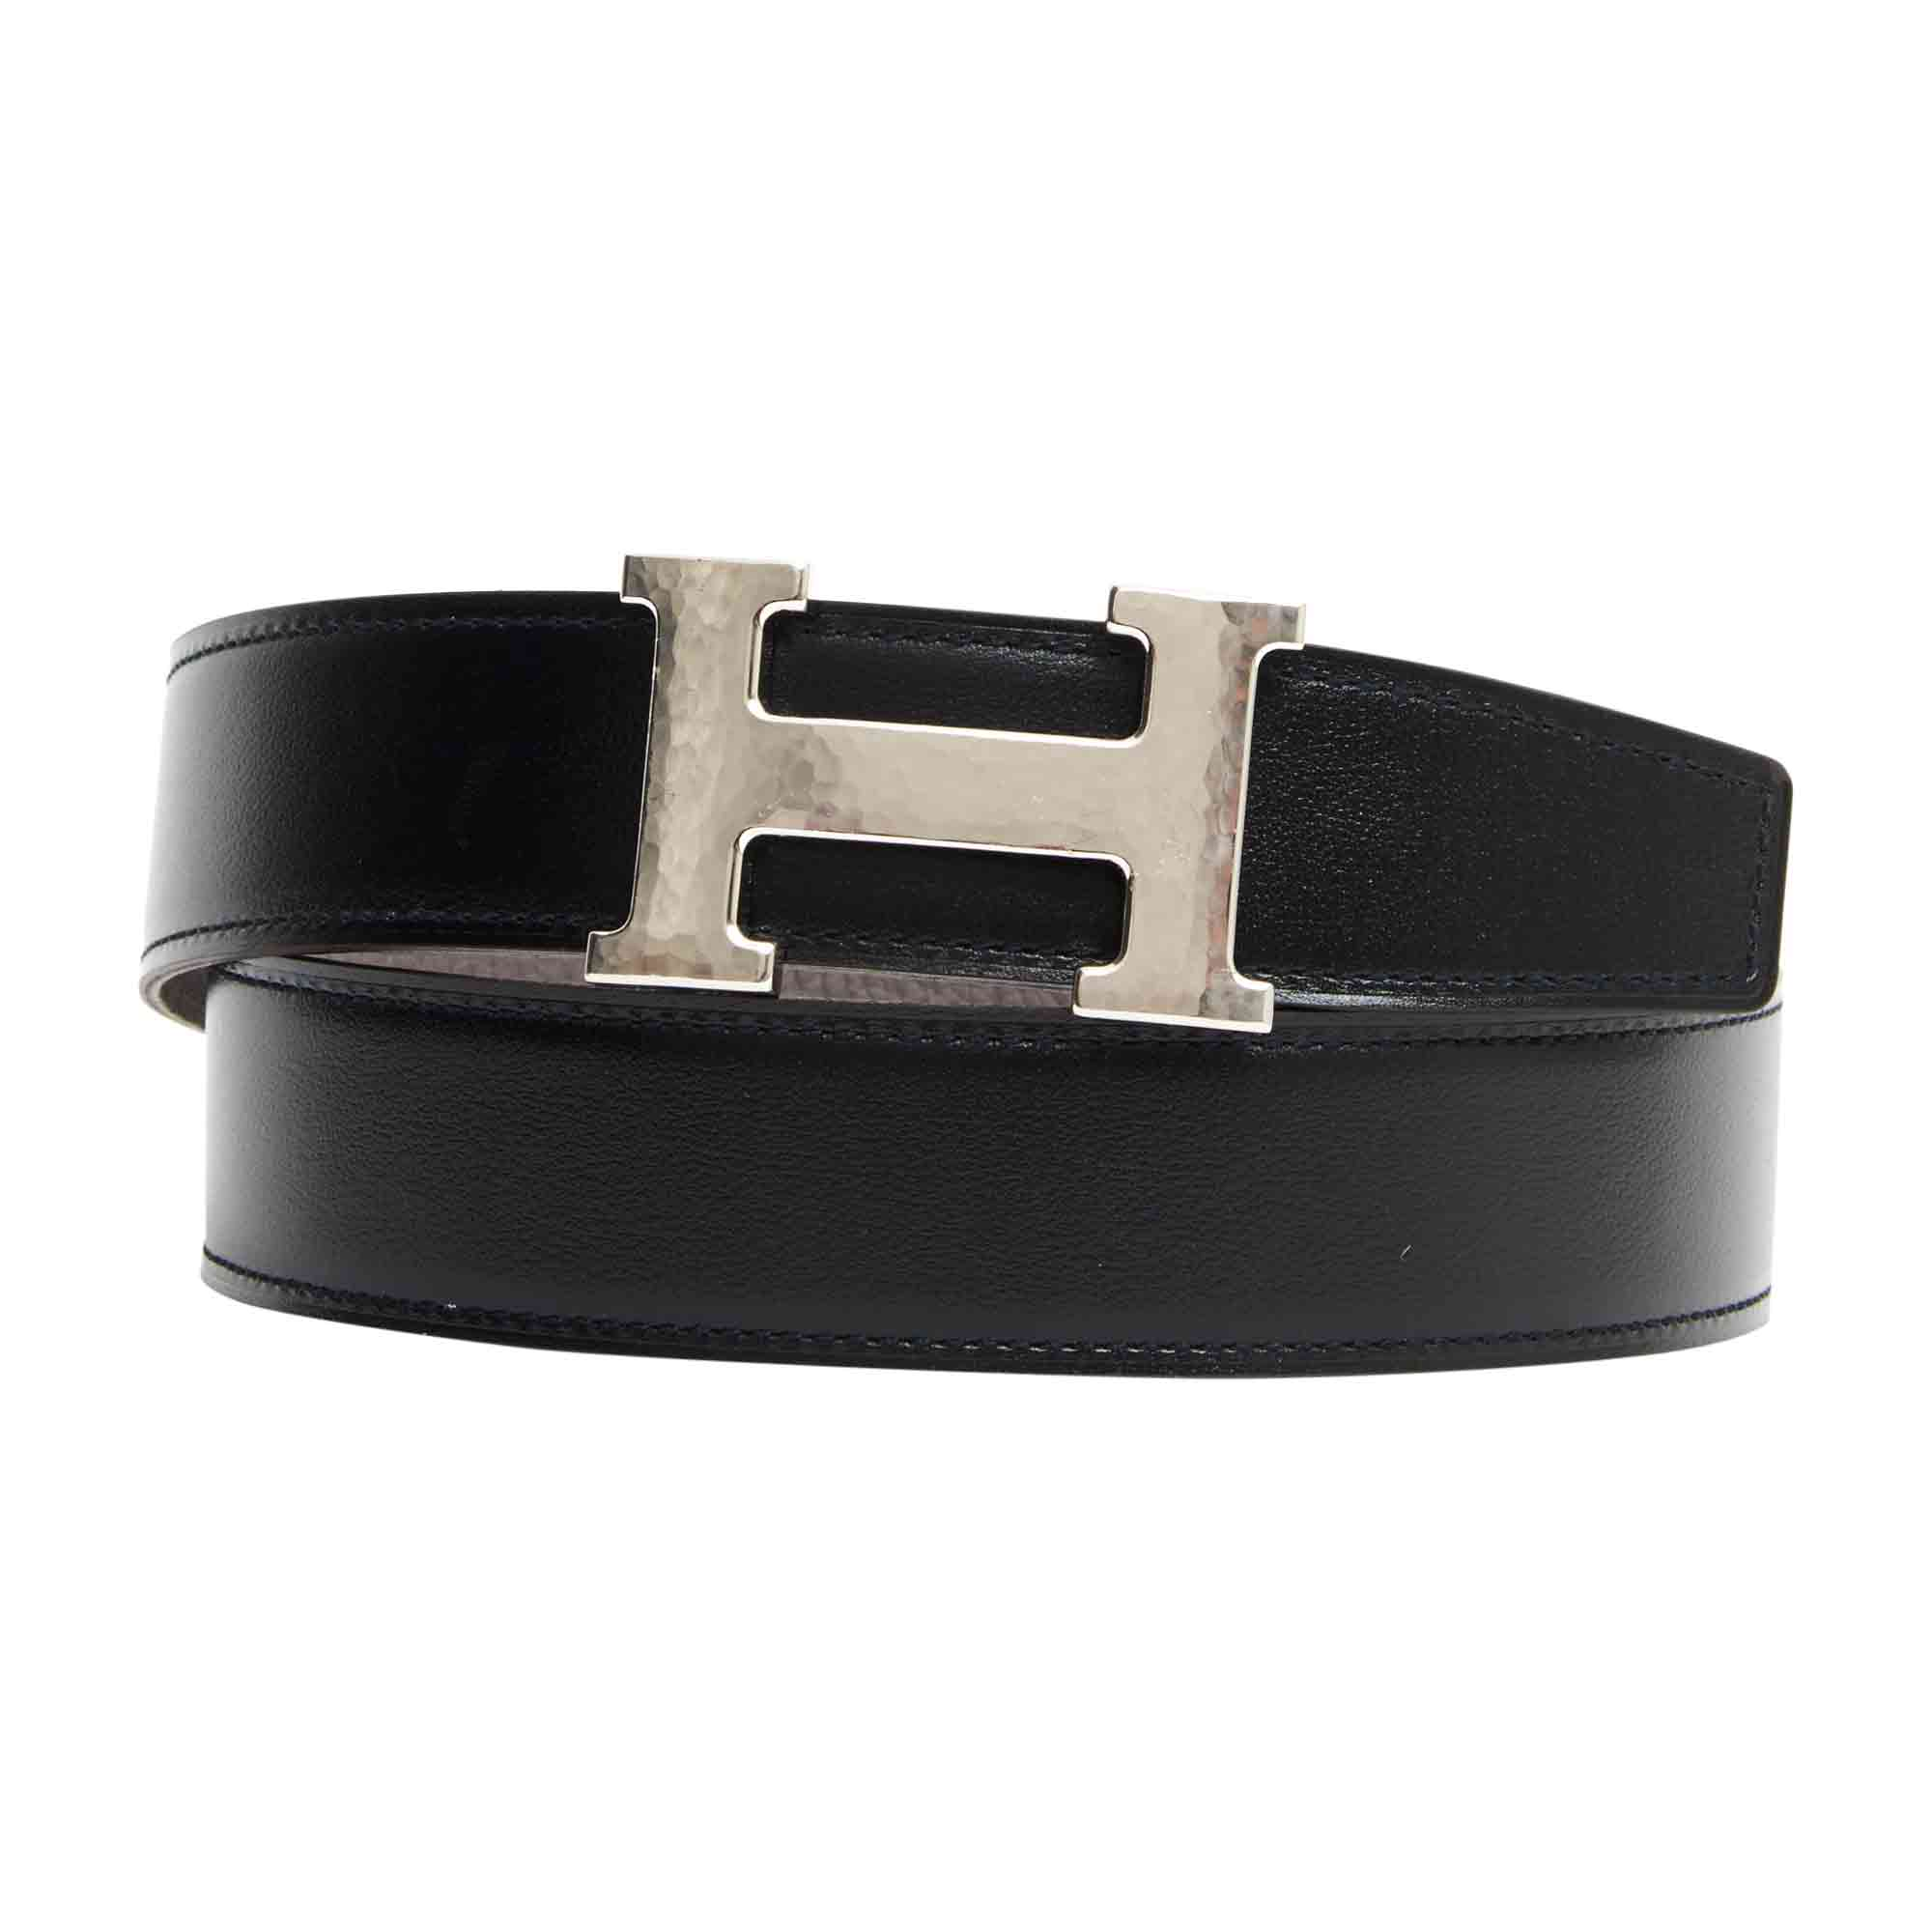 Ceinture fine HERMÈS ceinture h 90 noir vendu par Larcher - 6312339 0e38660b1e9